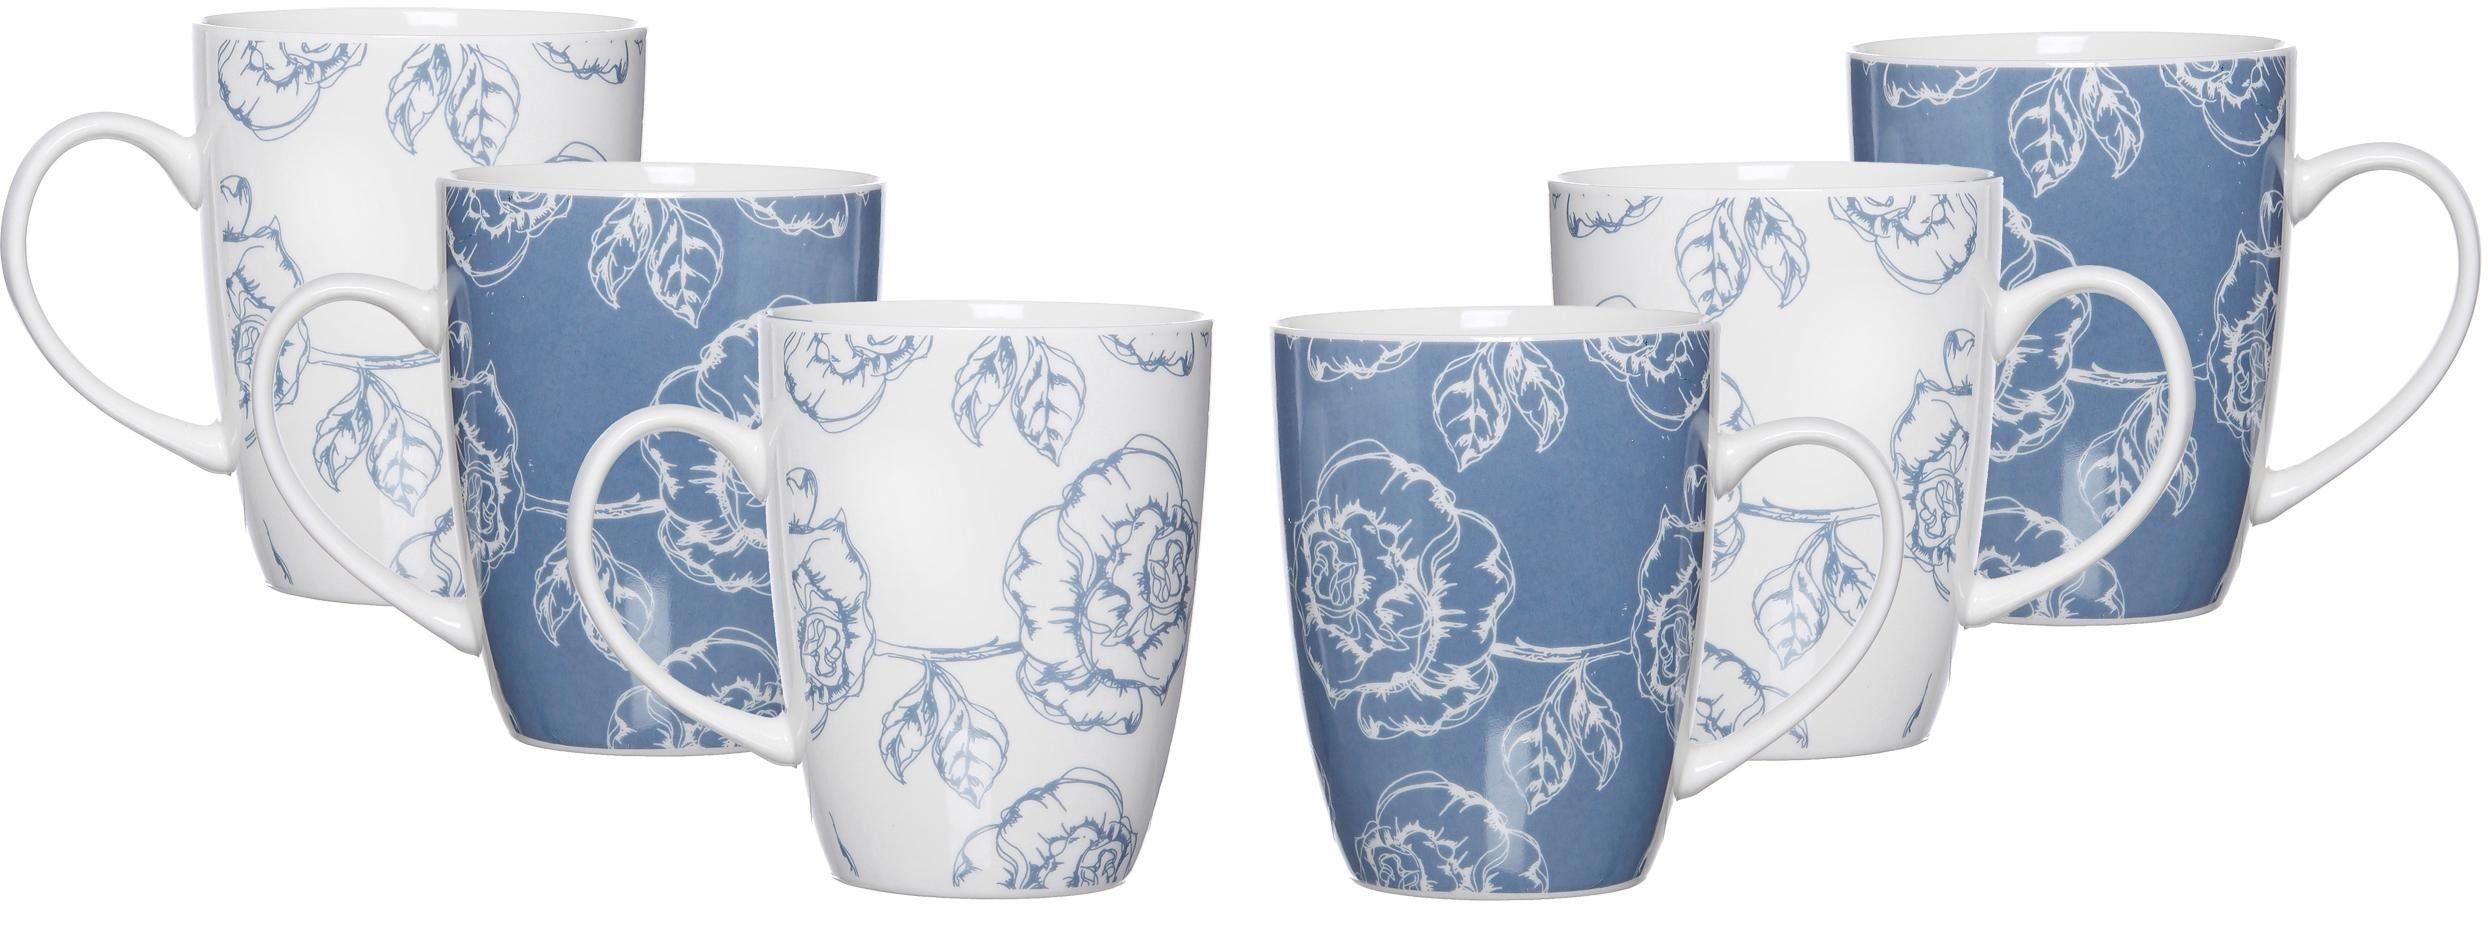 Ritzenhoff & Breker Becher »BLUE FLOWER« (6 Stück)